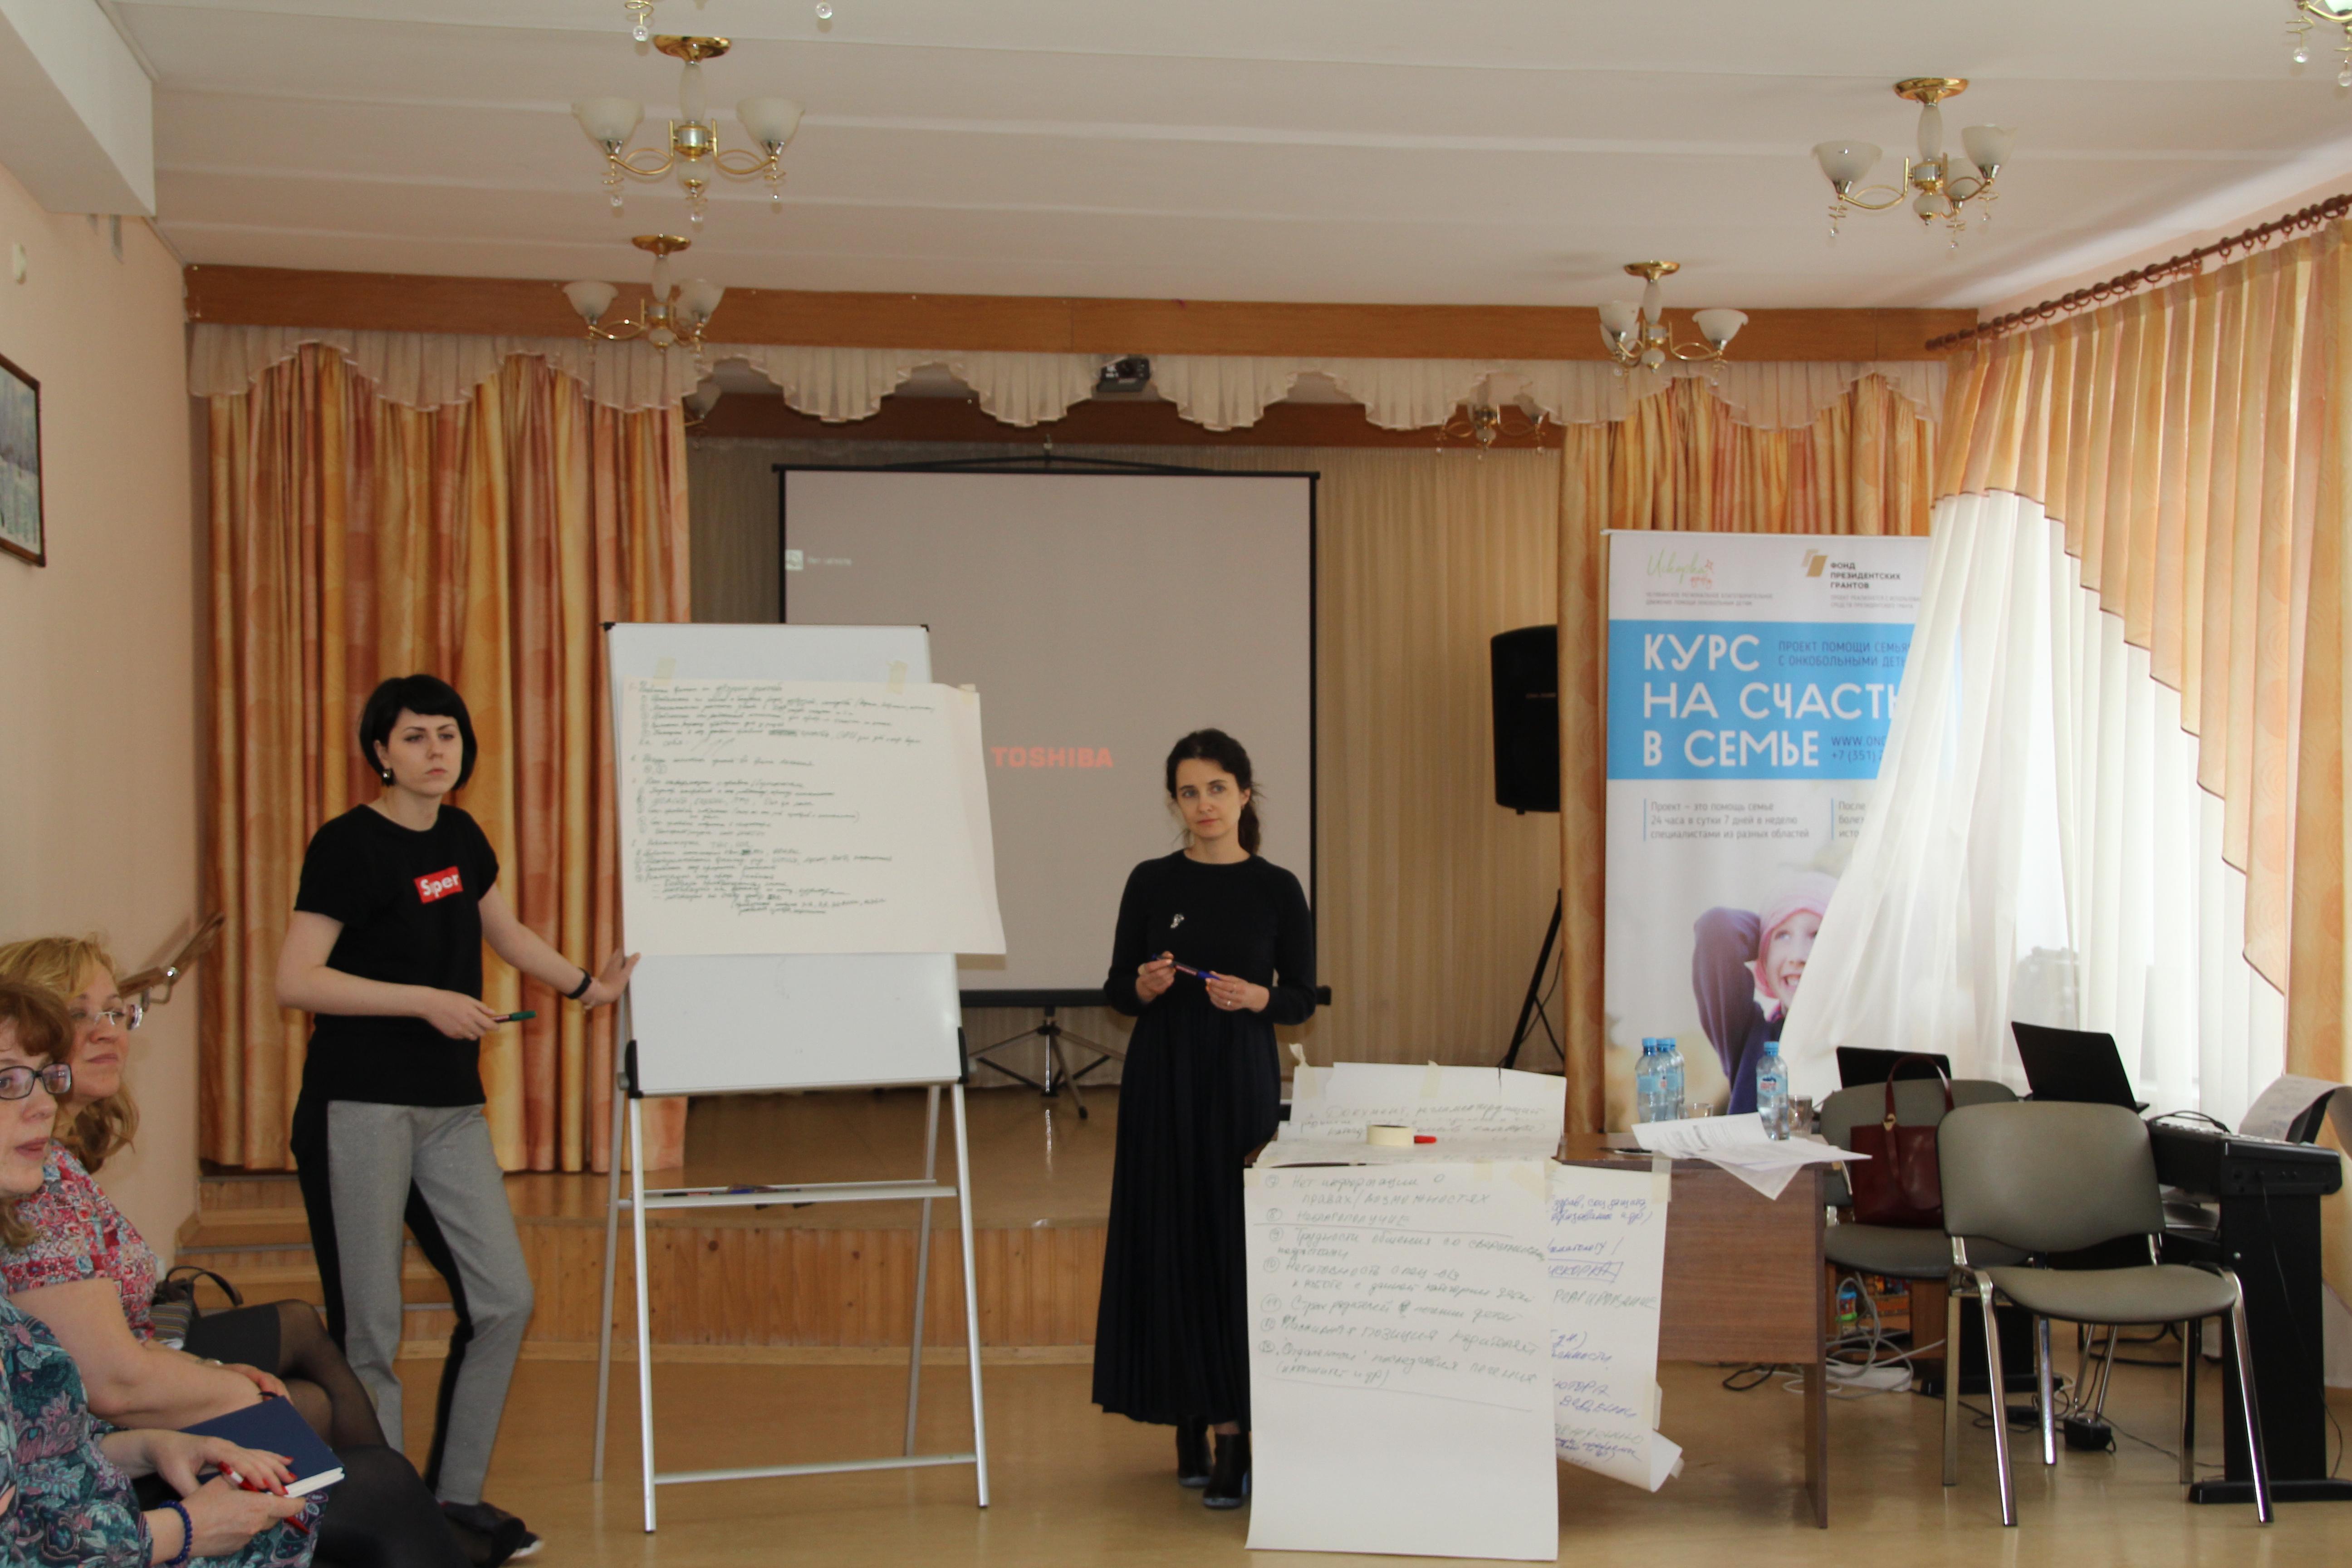 Семинар по развитию деятельности по сопровождению семей с онкобольными детьми прошел в Магнитогорске